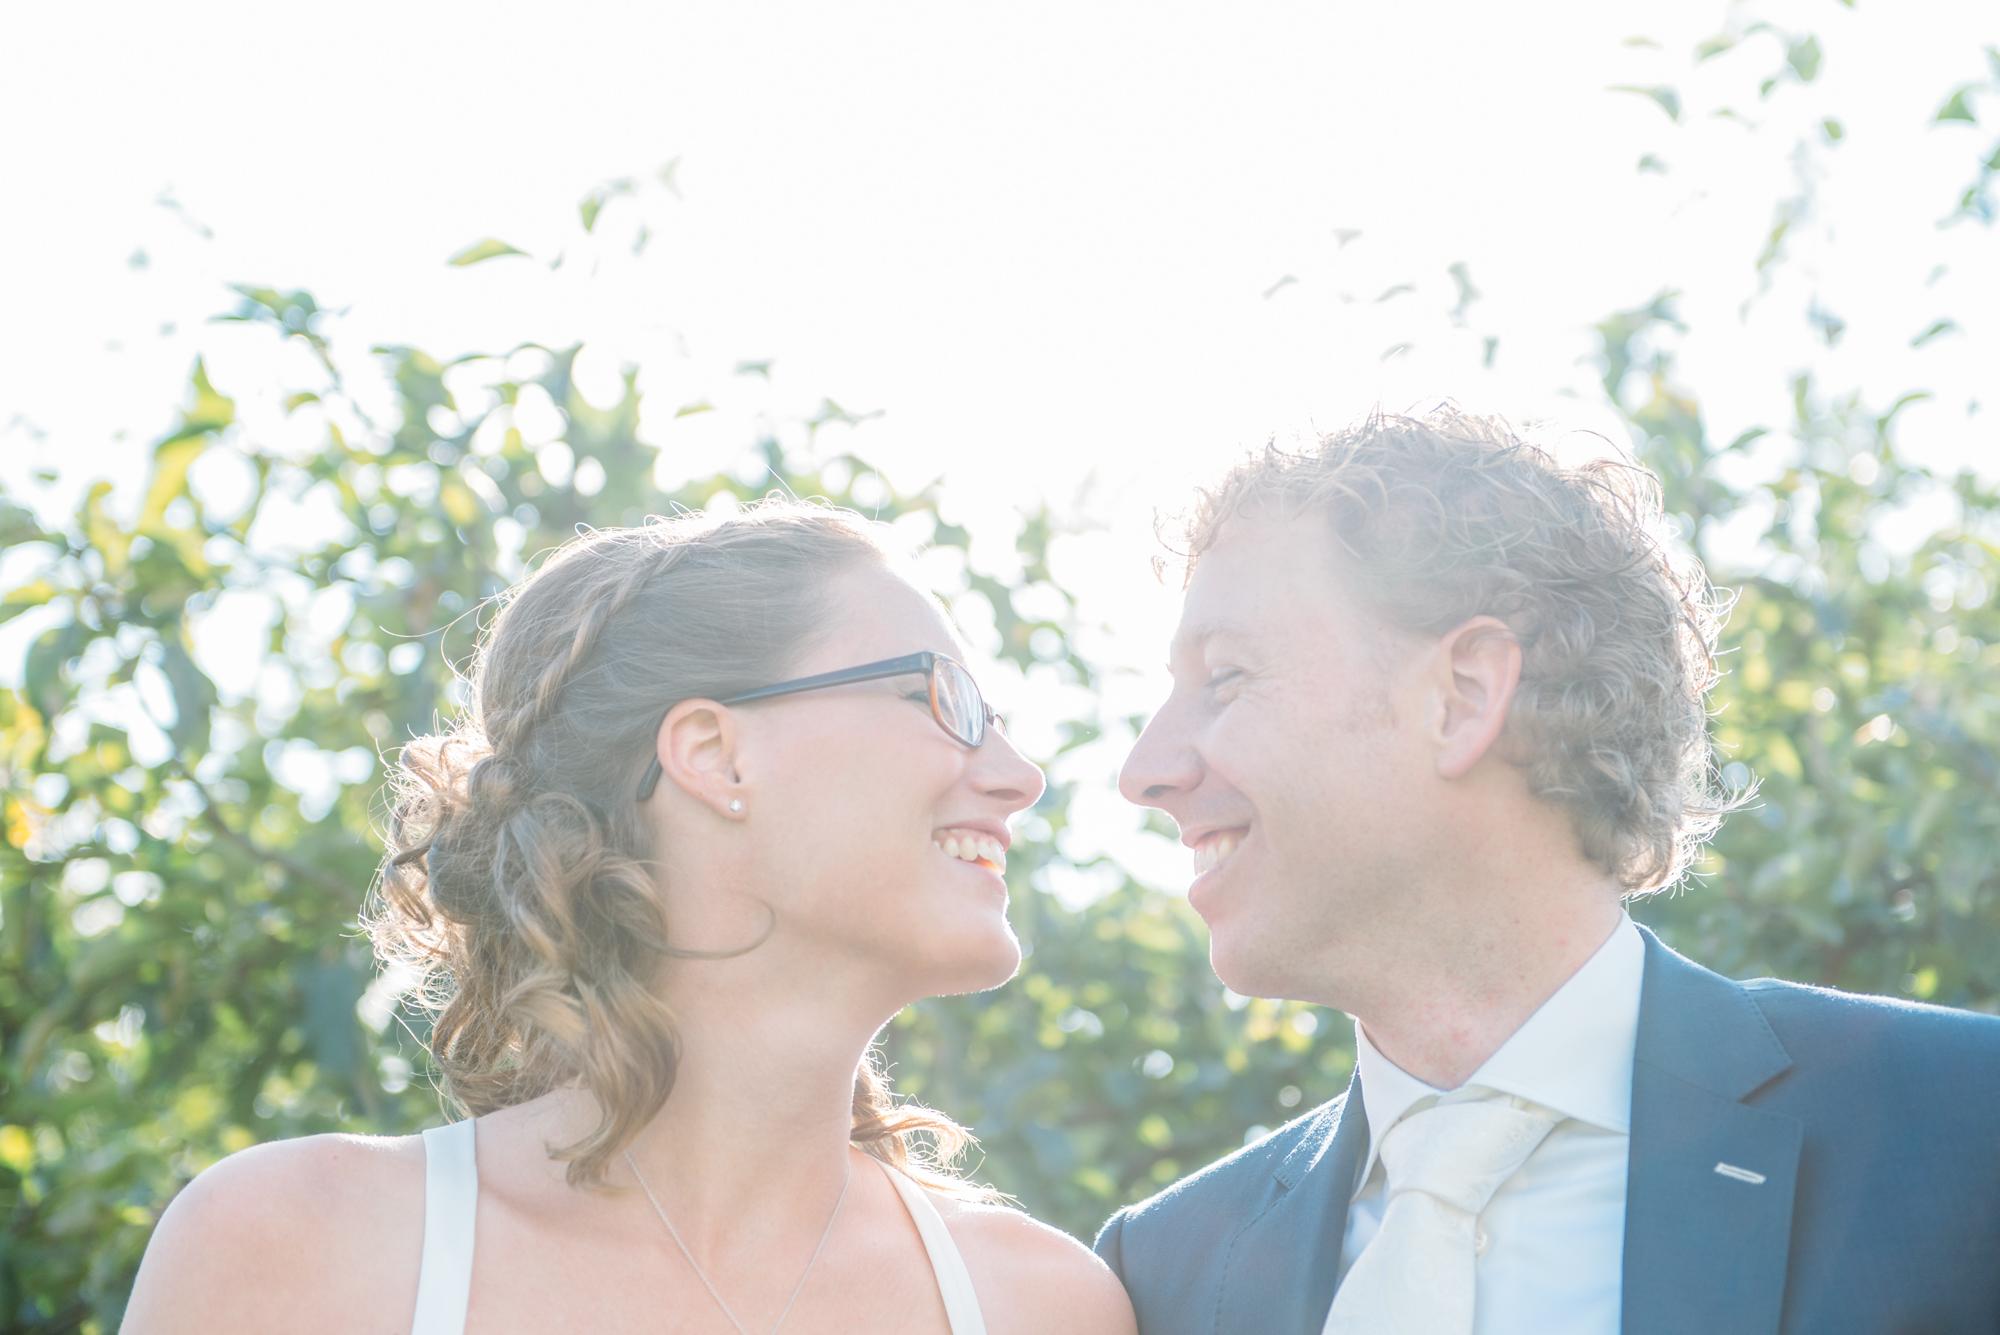 bruidsfotografie-Heiloo-Castricum-aan-zee-Liesbeth-en-Pieter-425